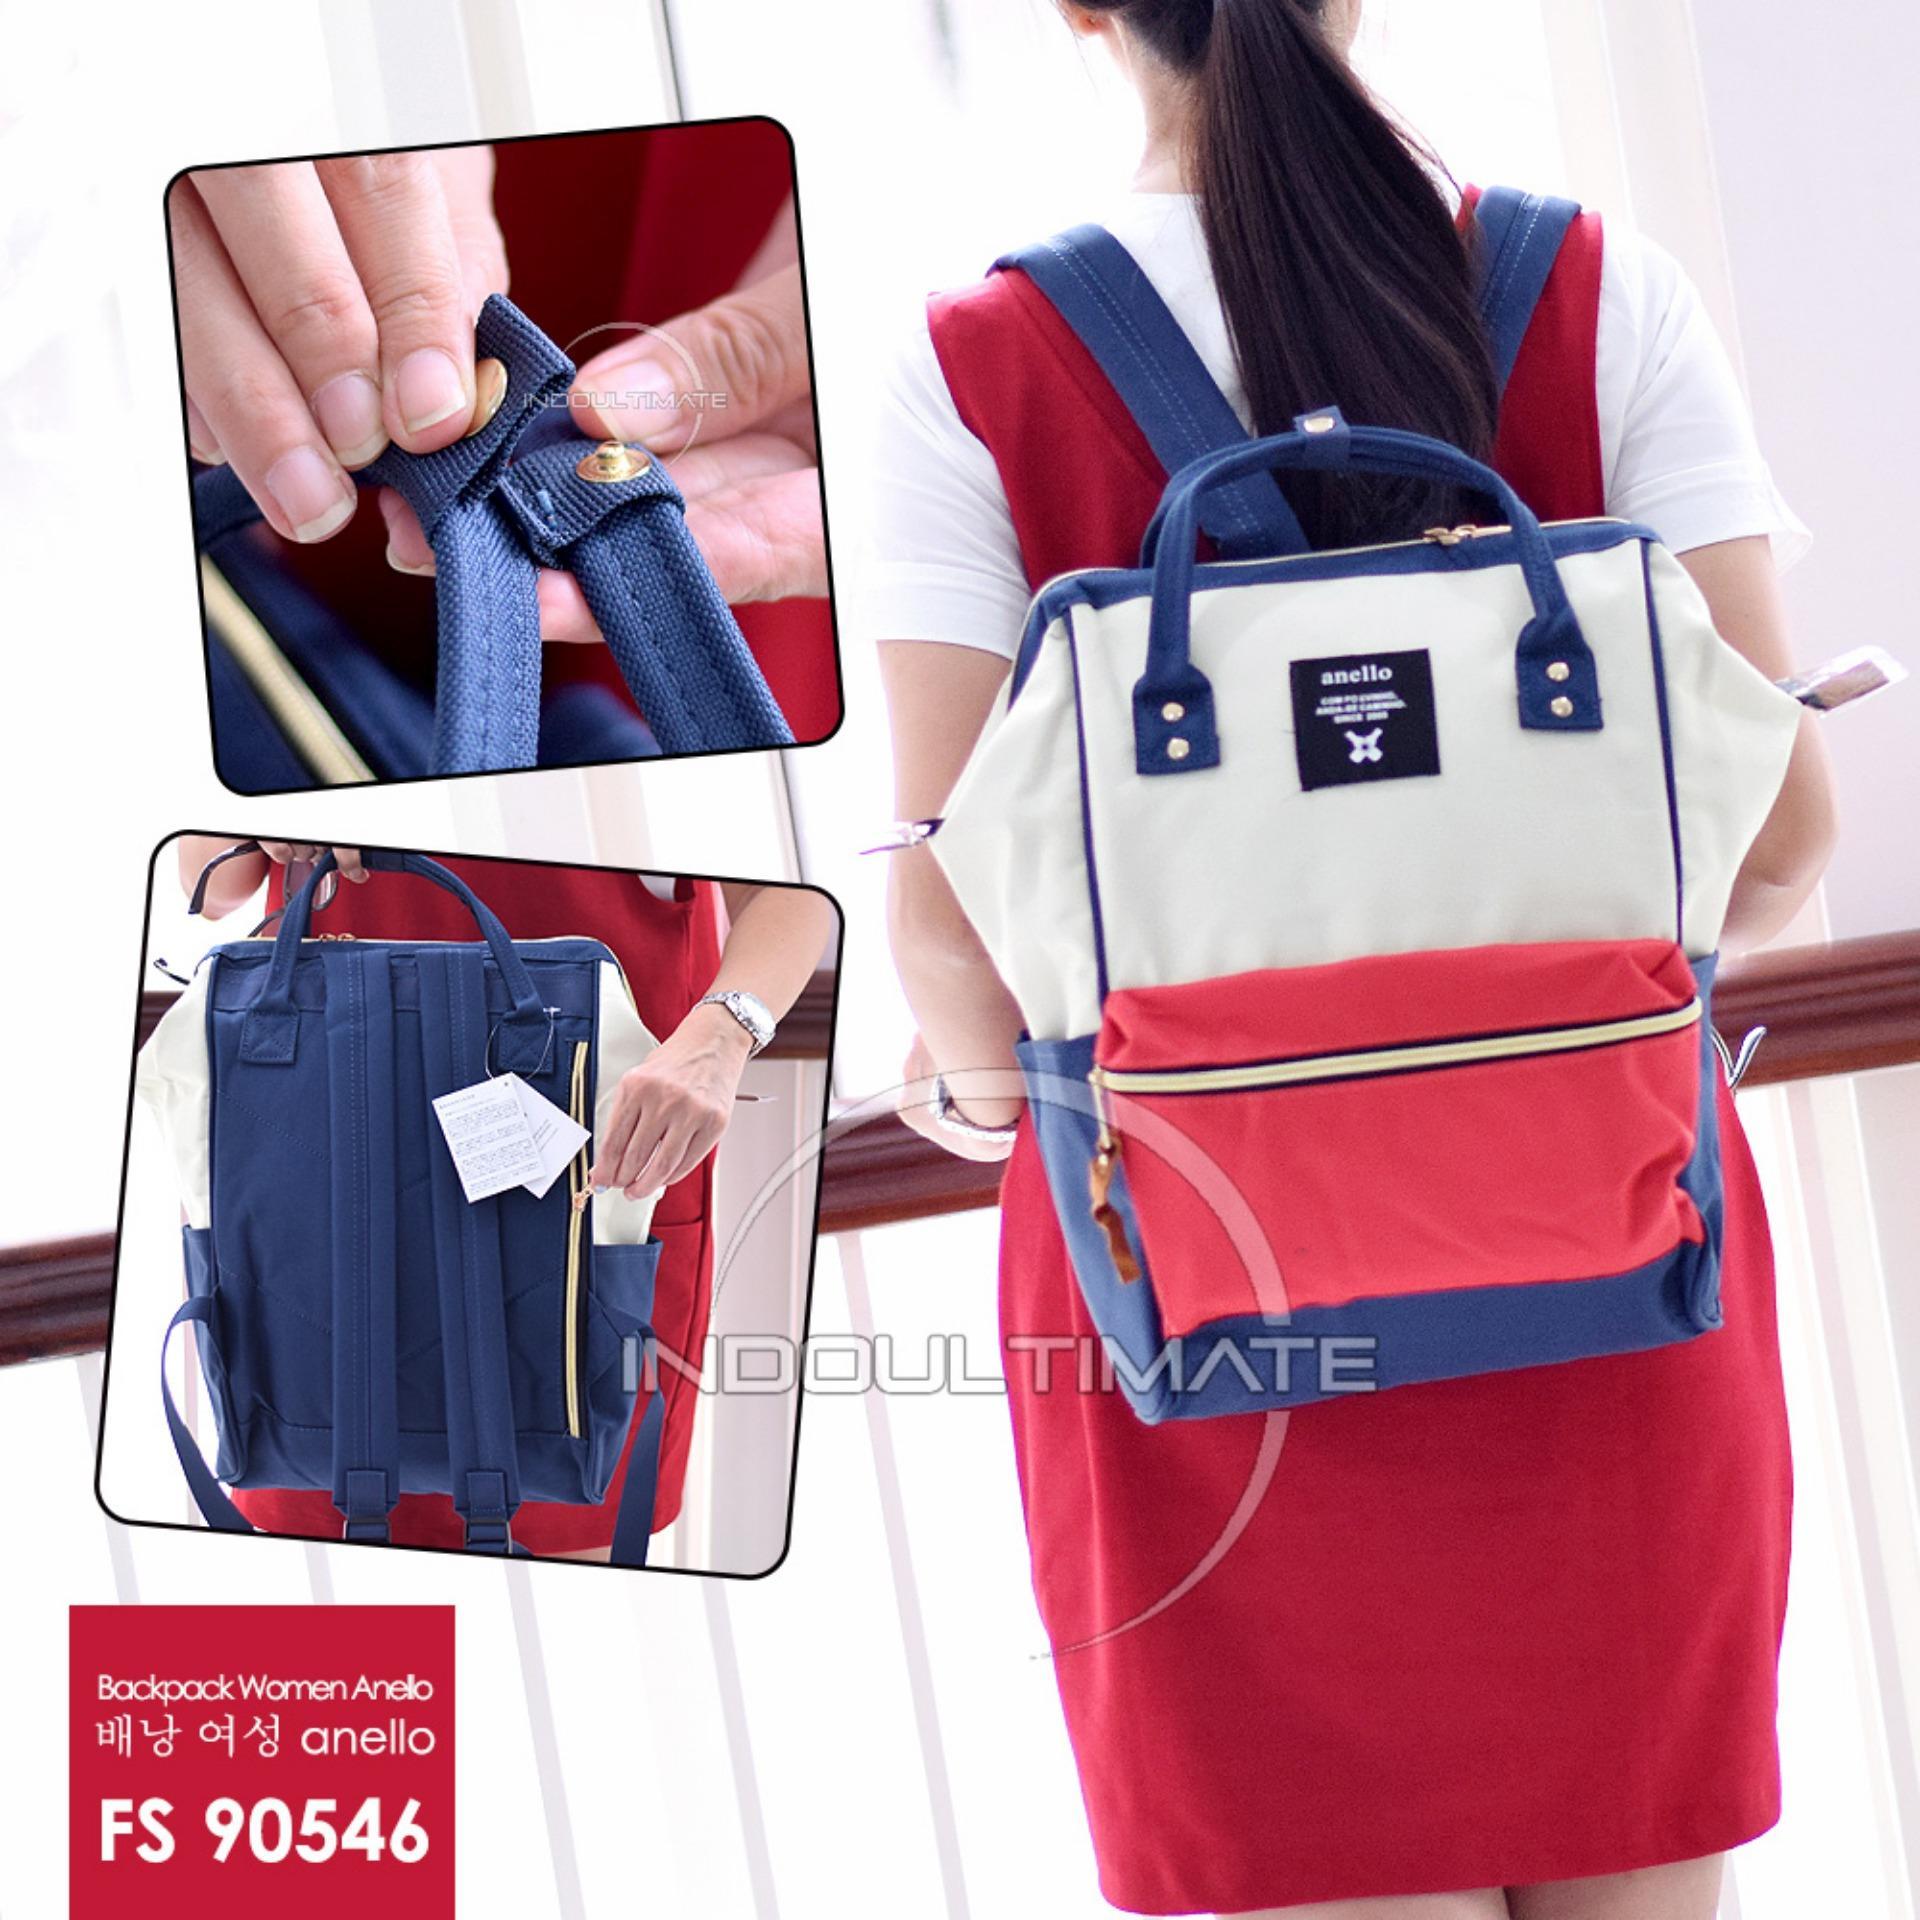 Toko Ultimate Tas Ransel Wanita Fs 90546 Red White Blue Tas 2In1 Cewek Backpack Korea Import Batam Murah Branded Cantik Murah Jawa Timur